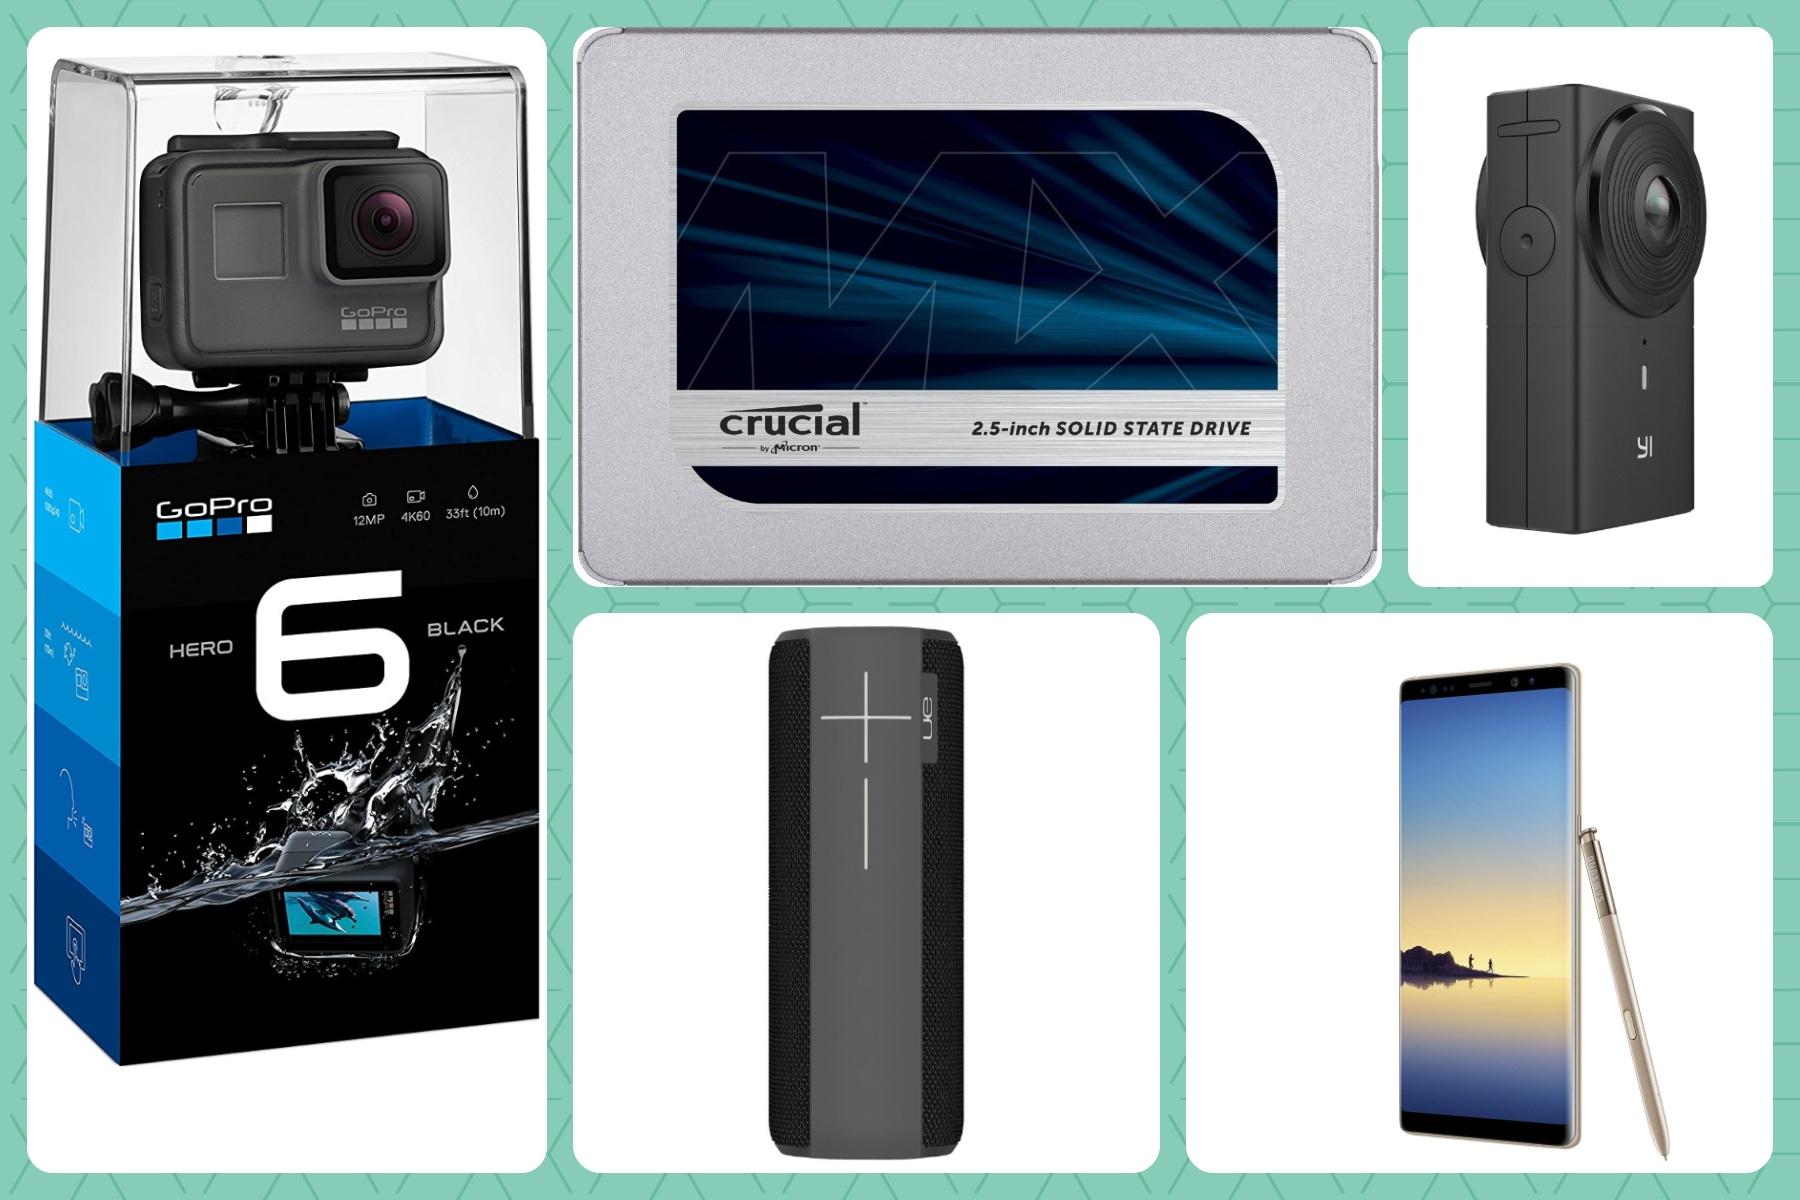 Huawei Mate 10 Pro a meno di 680€, mouse gaming, cinafonini e cuffie in offerta su Amazon! - image Migliori-offerte-Amazon-17-gennaio-2018 on http://www.zxbyte.com